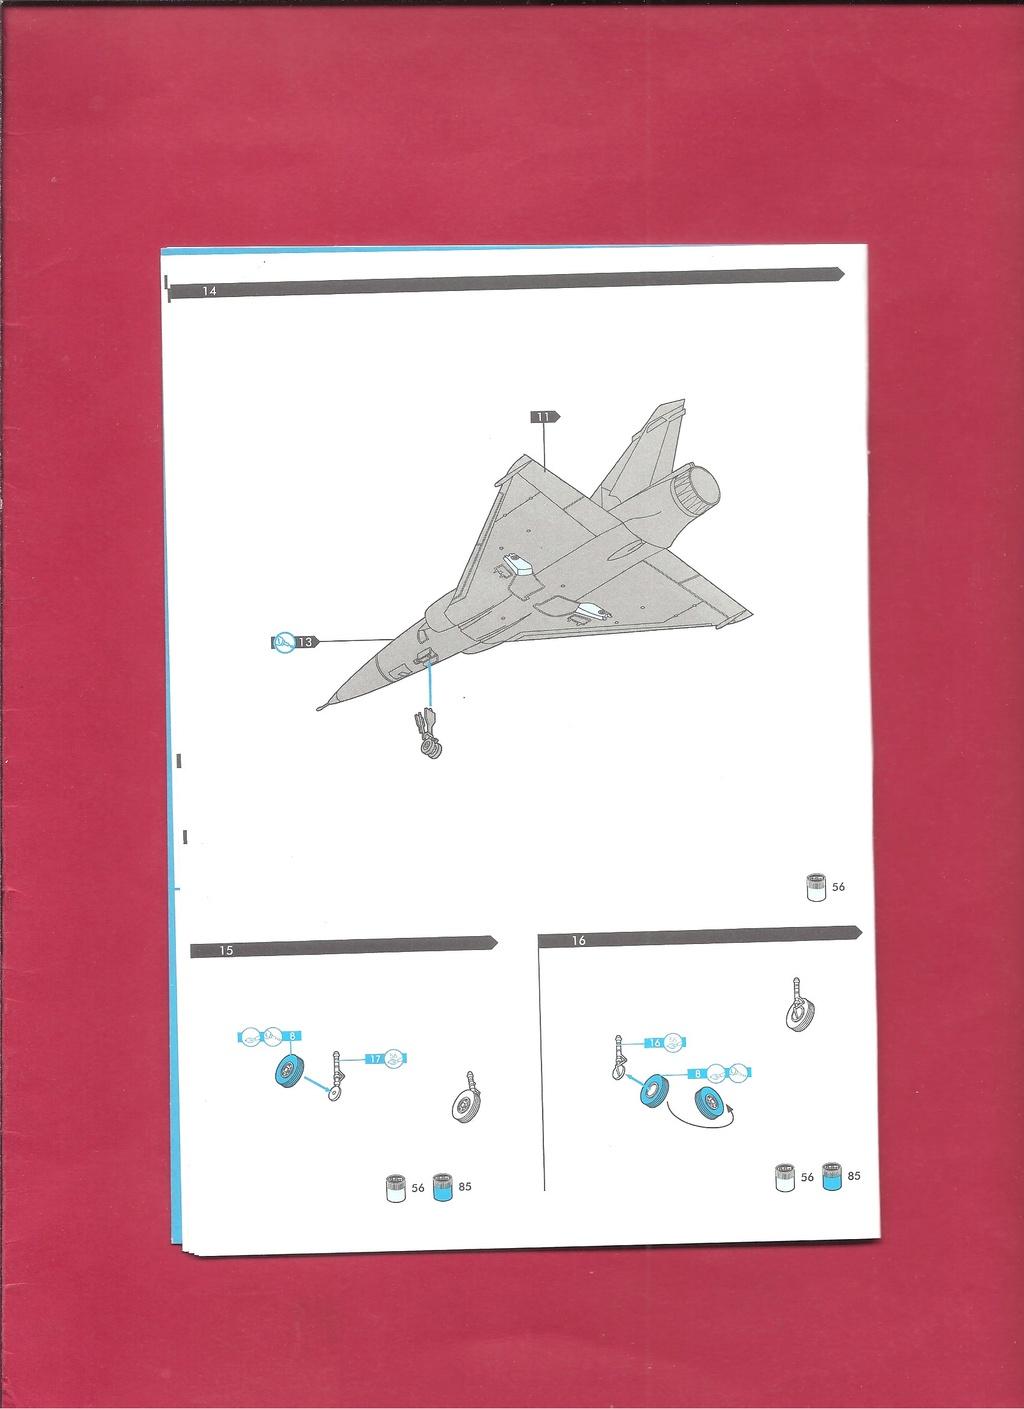 DASSAULT MIRAGE 2000 N 1/72ème Réf 60321 Notice Hell1050